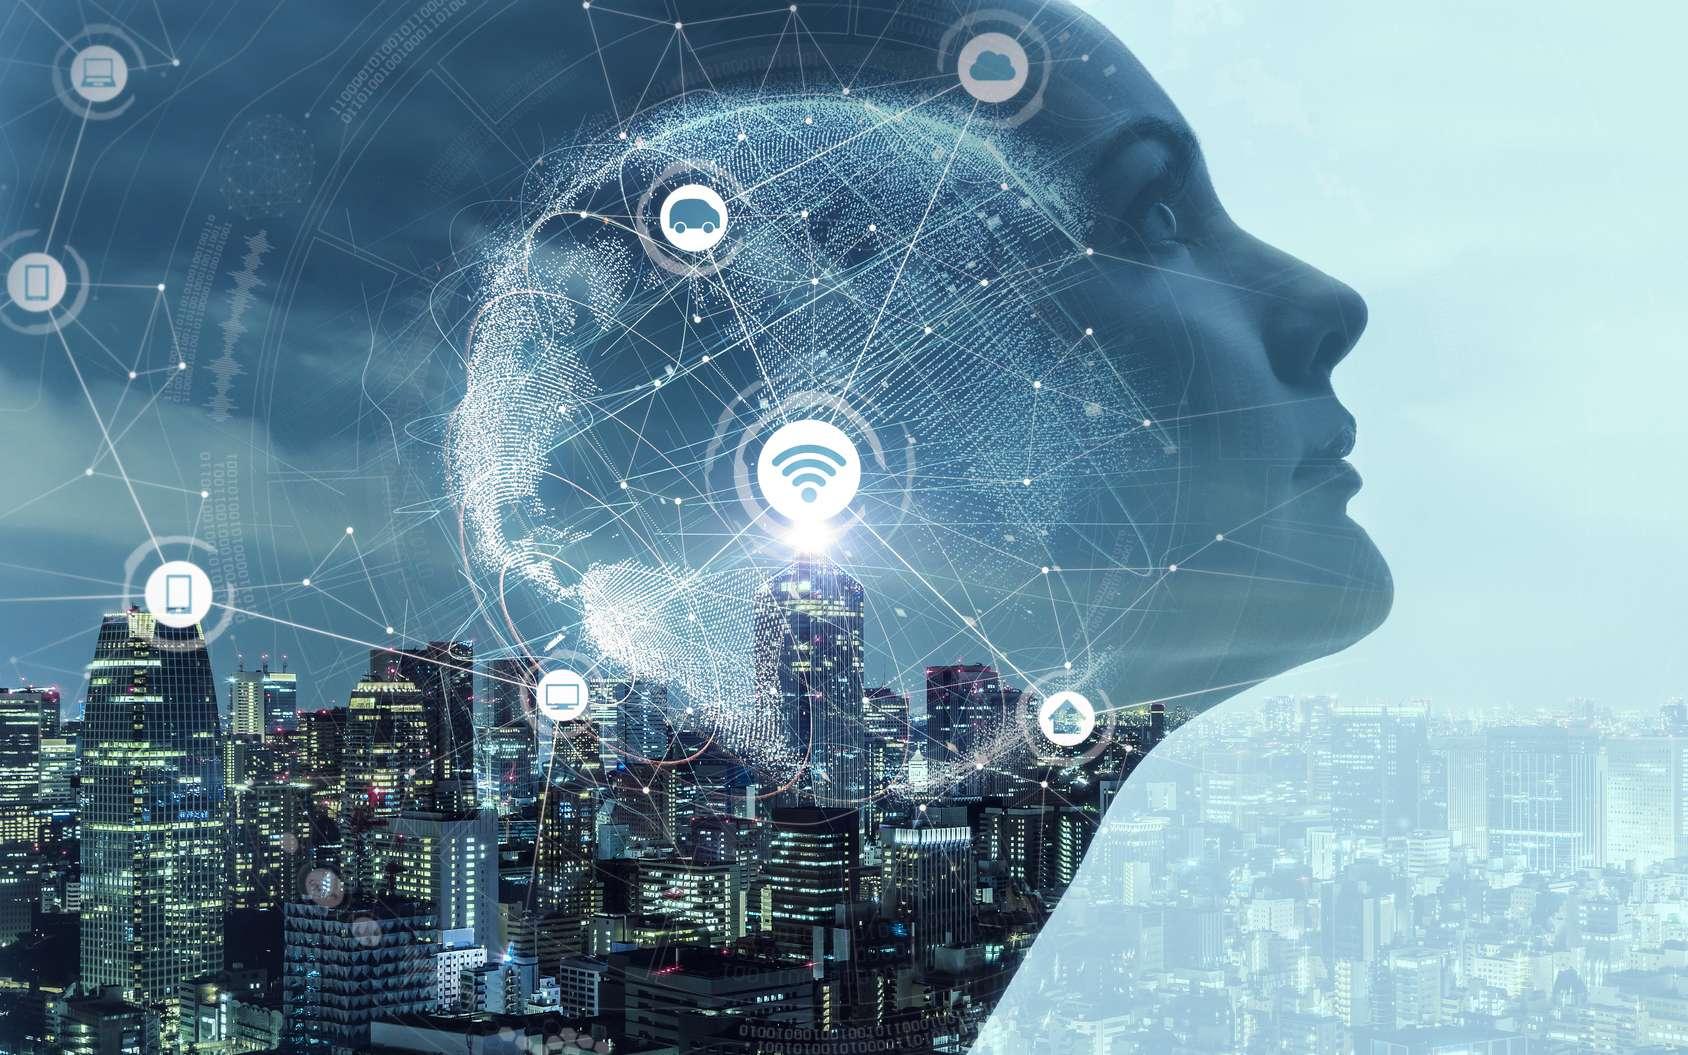 大数据驱动,城市医疗如何智慧升级?